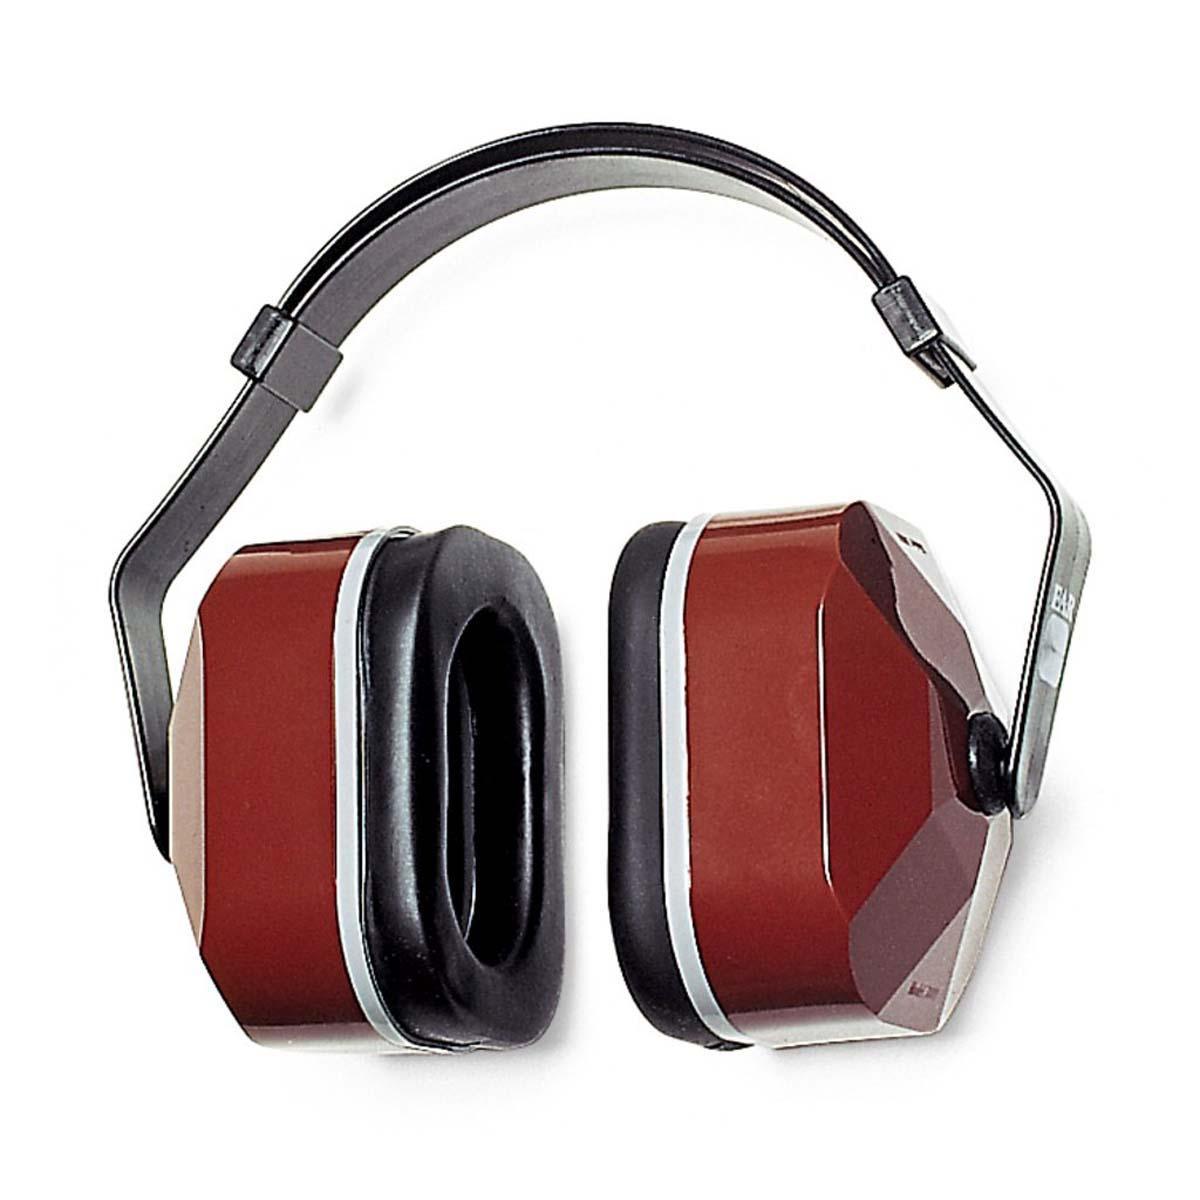 3M E-A-R Earmuffs Model 3000 330-3002